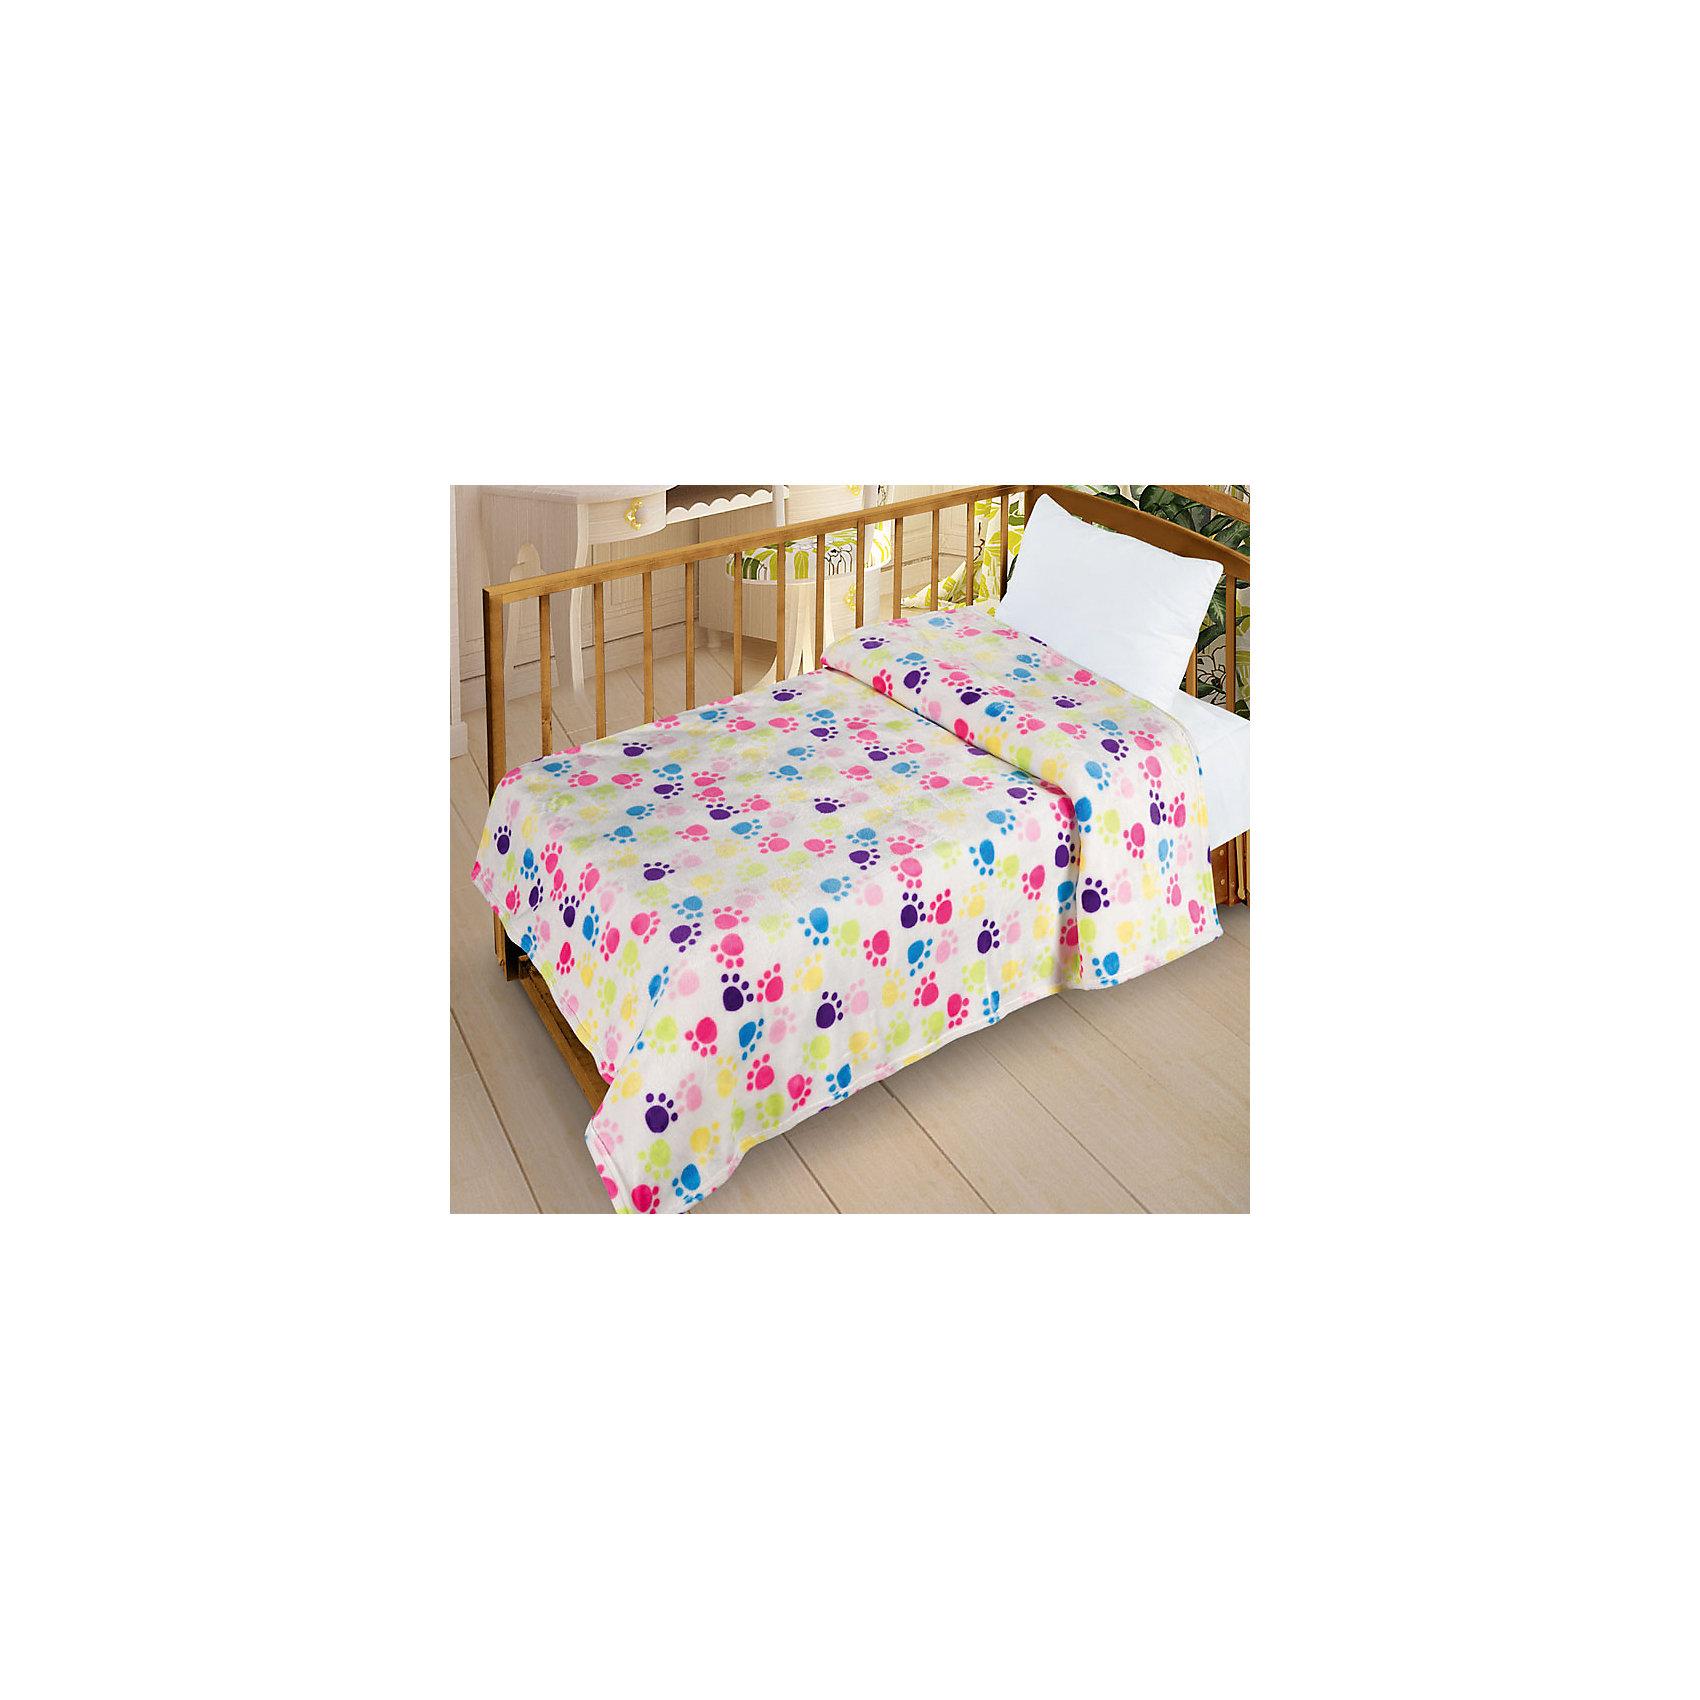 Плед  Велсофт-беби в кроватку VB07, 95х130Домашний текстиль<br>Нежнейший плед в детскую кроватку выполнен из современного материала Велсофт -  ткань напоминает на ощупь плюшевую игрушку. Материал гипоаллергенен, плед легкий и в то же время теплый. Приятна расцветка пледа создаст в детской комнате уют и приятную атмосферу. <br><br>Дополнительная информация:<br><br>Размер: 95*130 см<br>Состав: микрофибра 100%<br><br>Плед  Велсофт-беби в кроватку VB07, 95х130 можно купить в нашем магазине.<br><br>Ширина мм: 400<br>Глубина мм: 100<br>Высота мм: 500<br>Вес г: 800<br>Возраст от месяцев: 0<br>Возраст до месяцев: 36<br>Пол: Унисекс<br>Возраст: Детский<br>SKU: 4647769